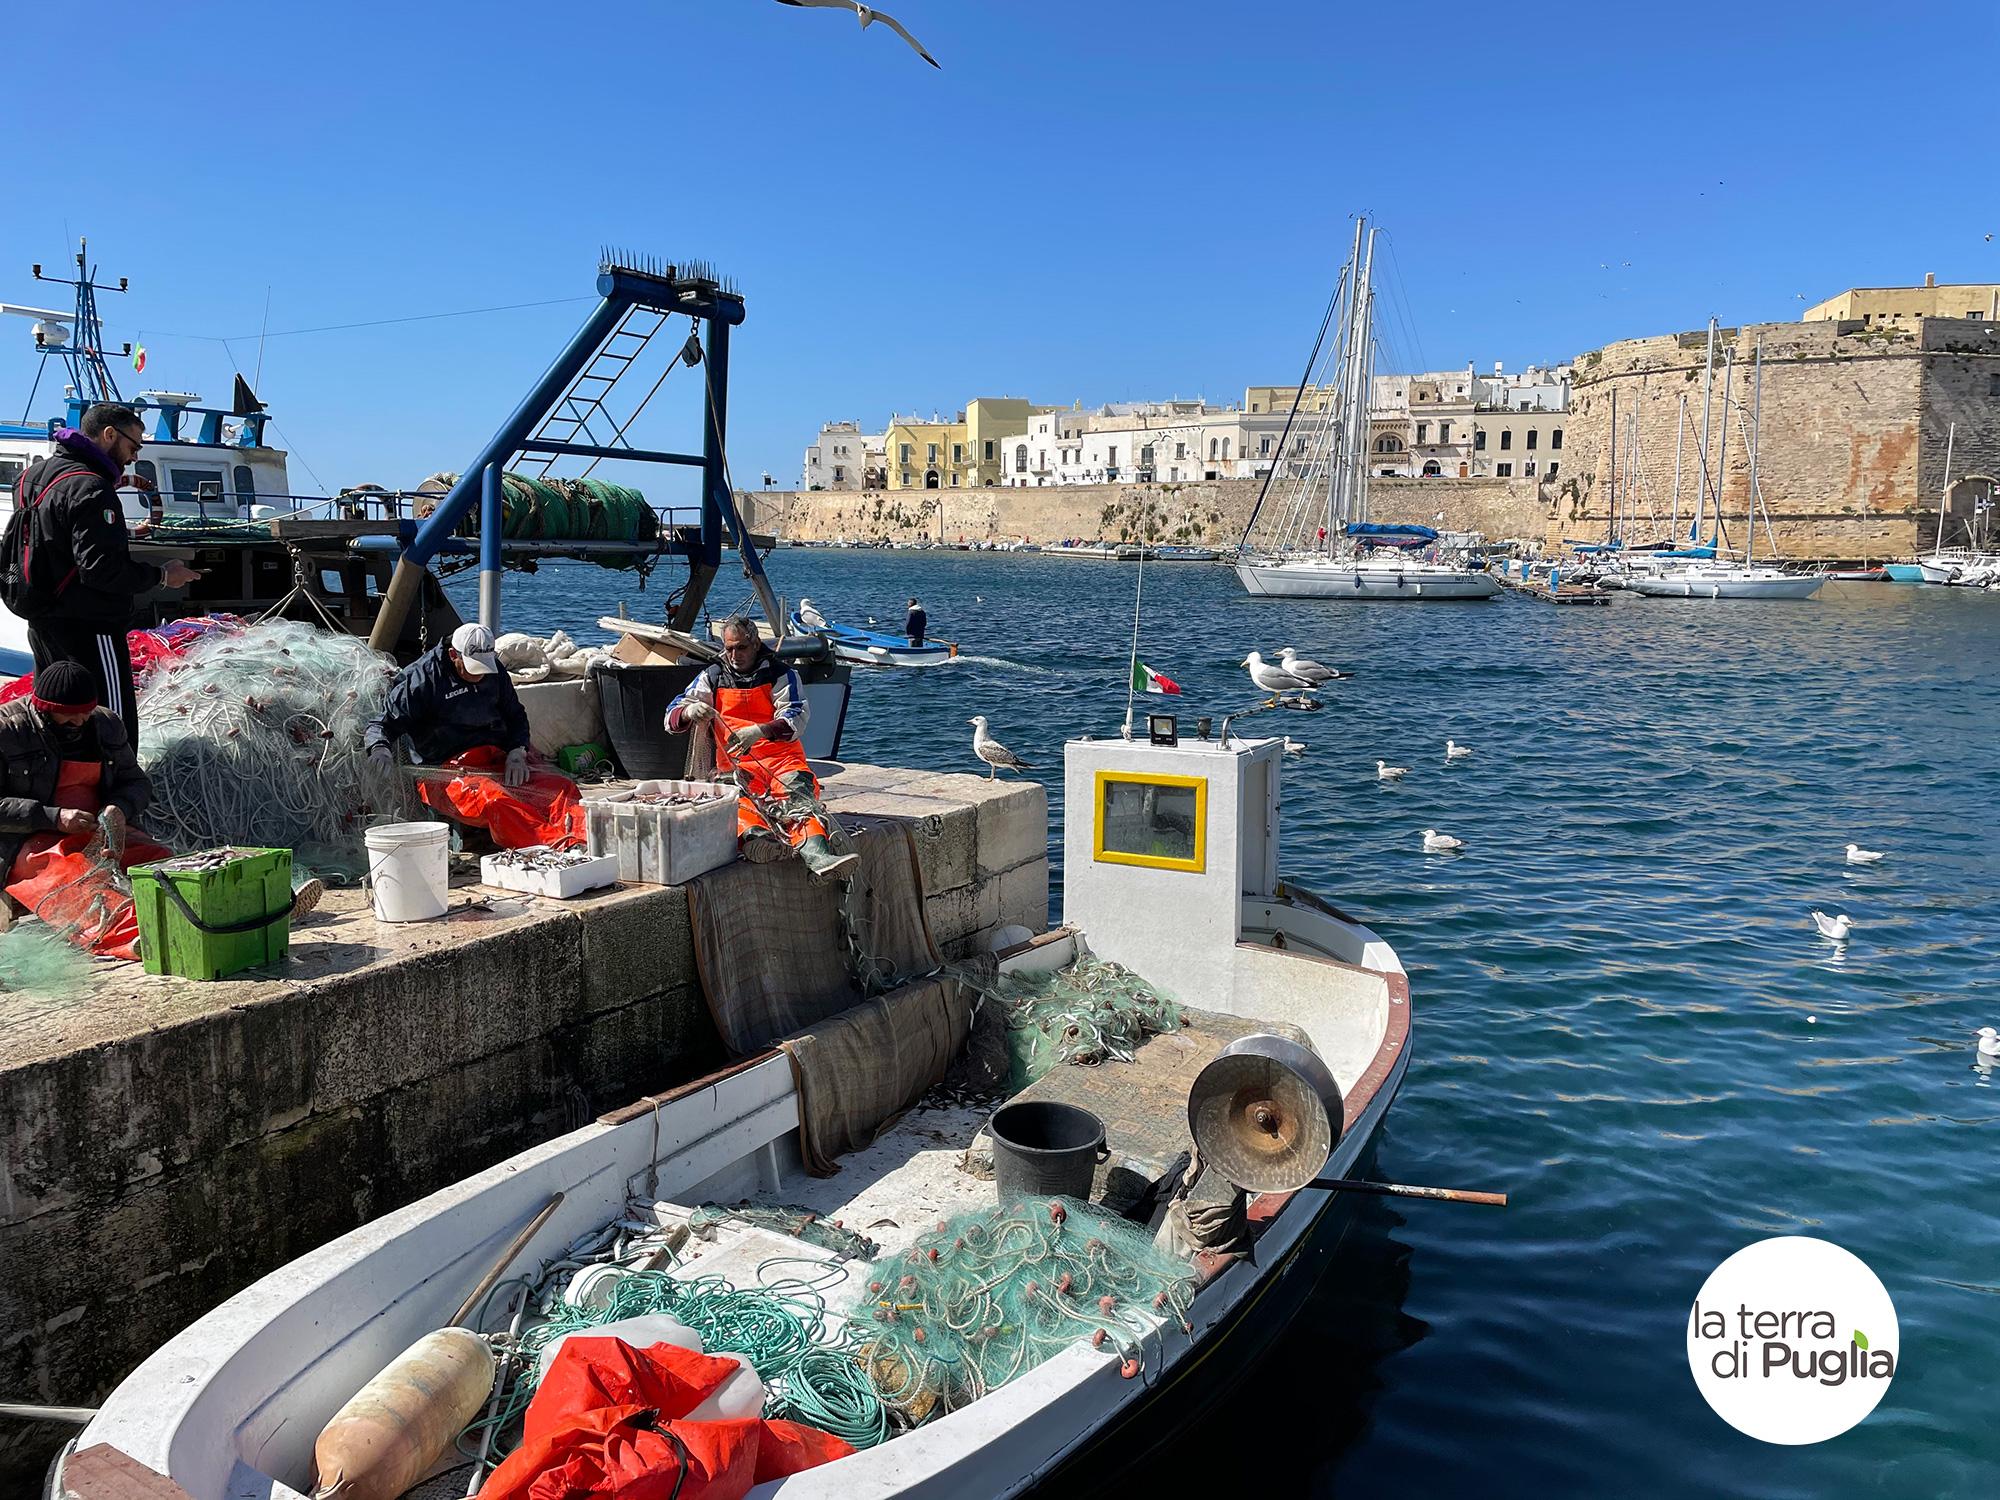 gallipoli-barche-castello-mare-2